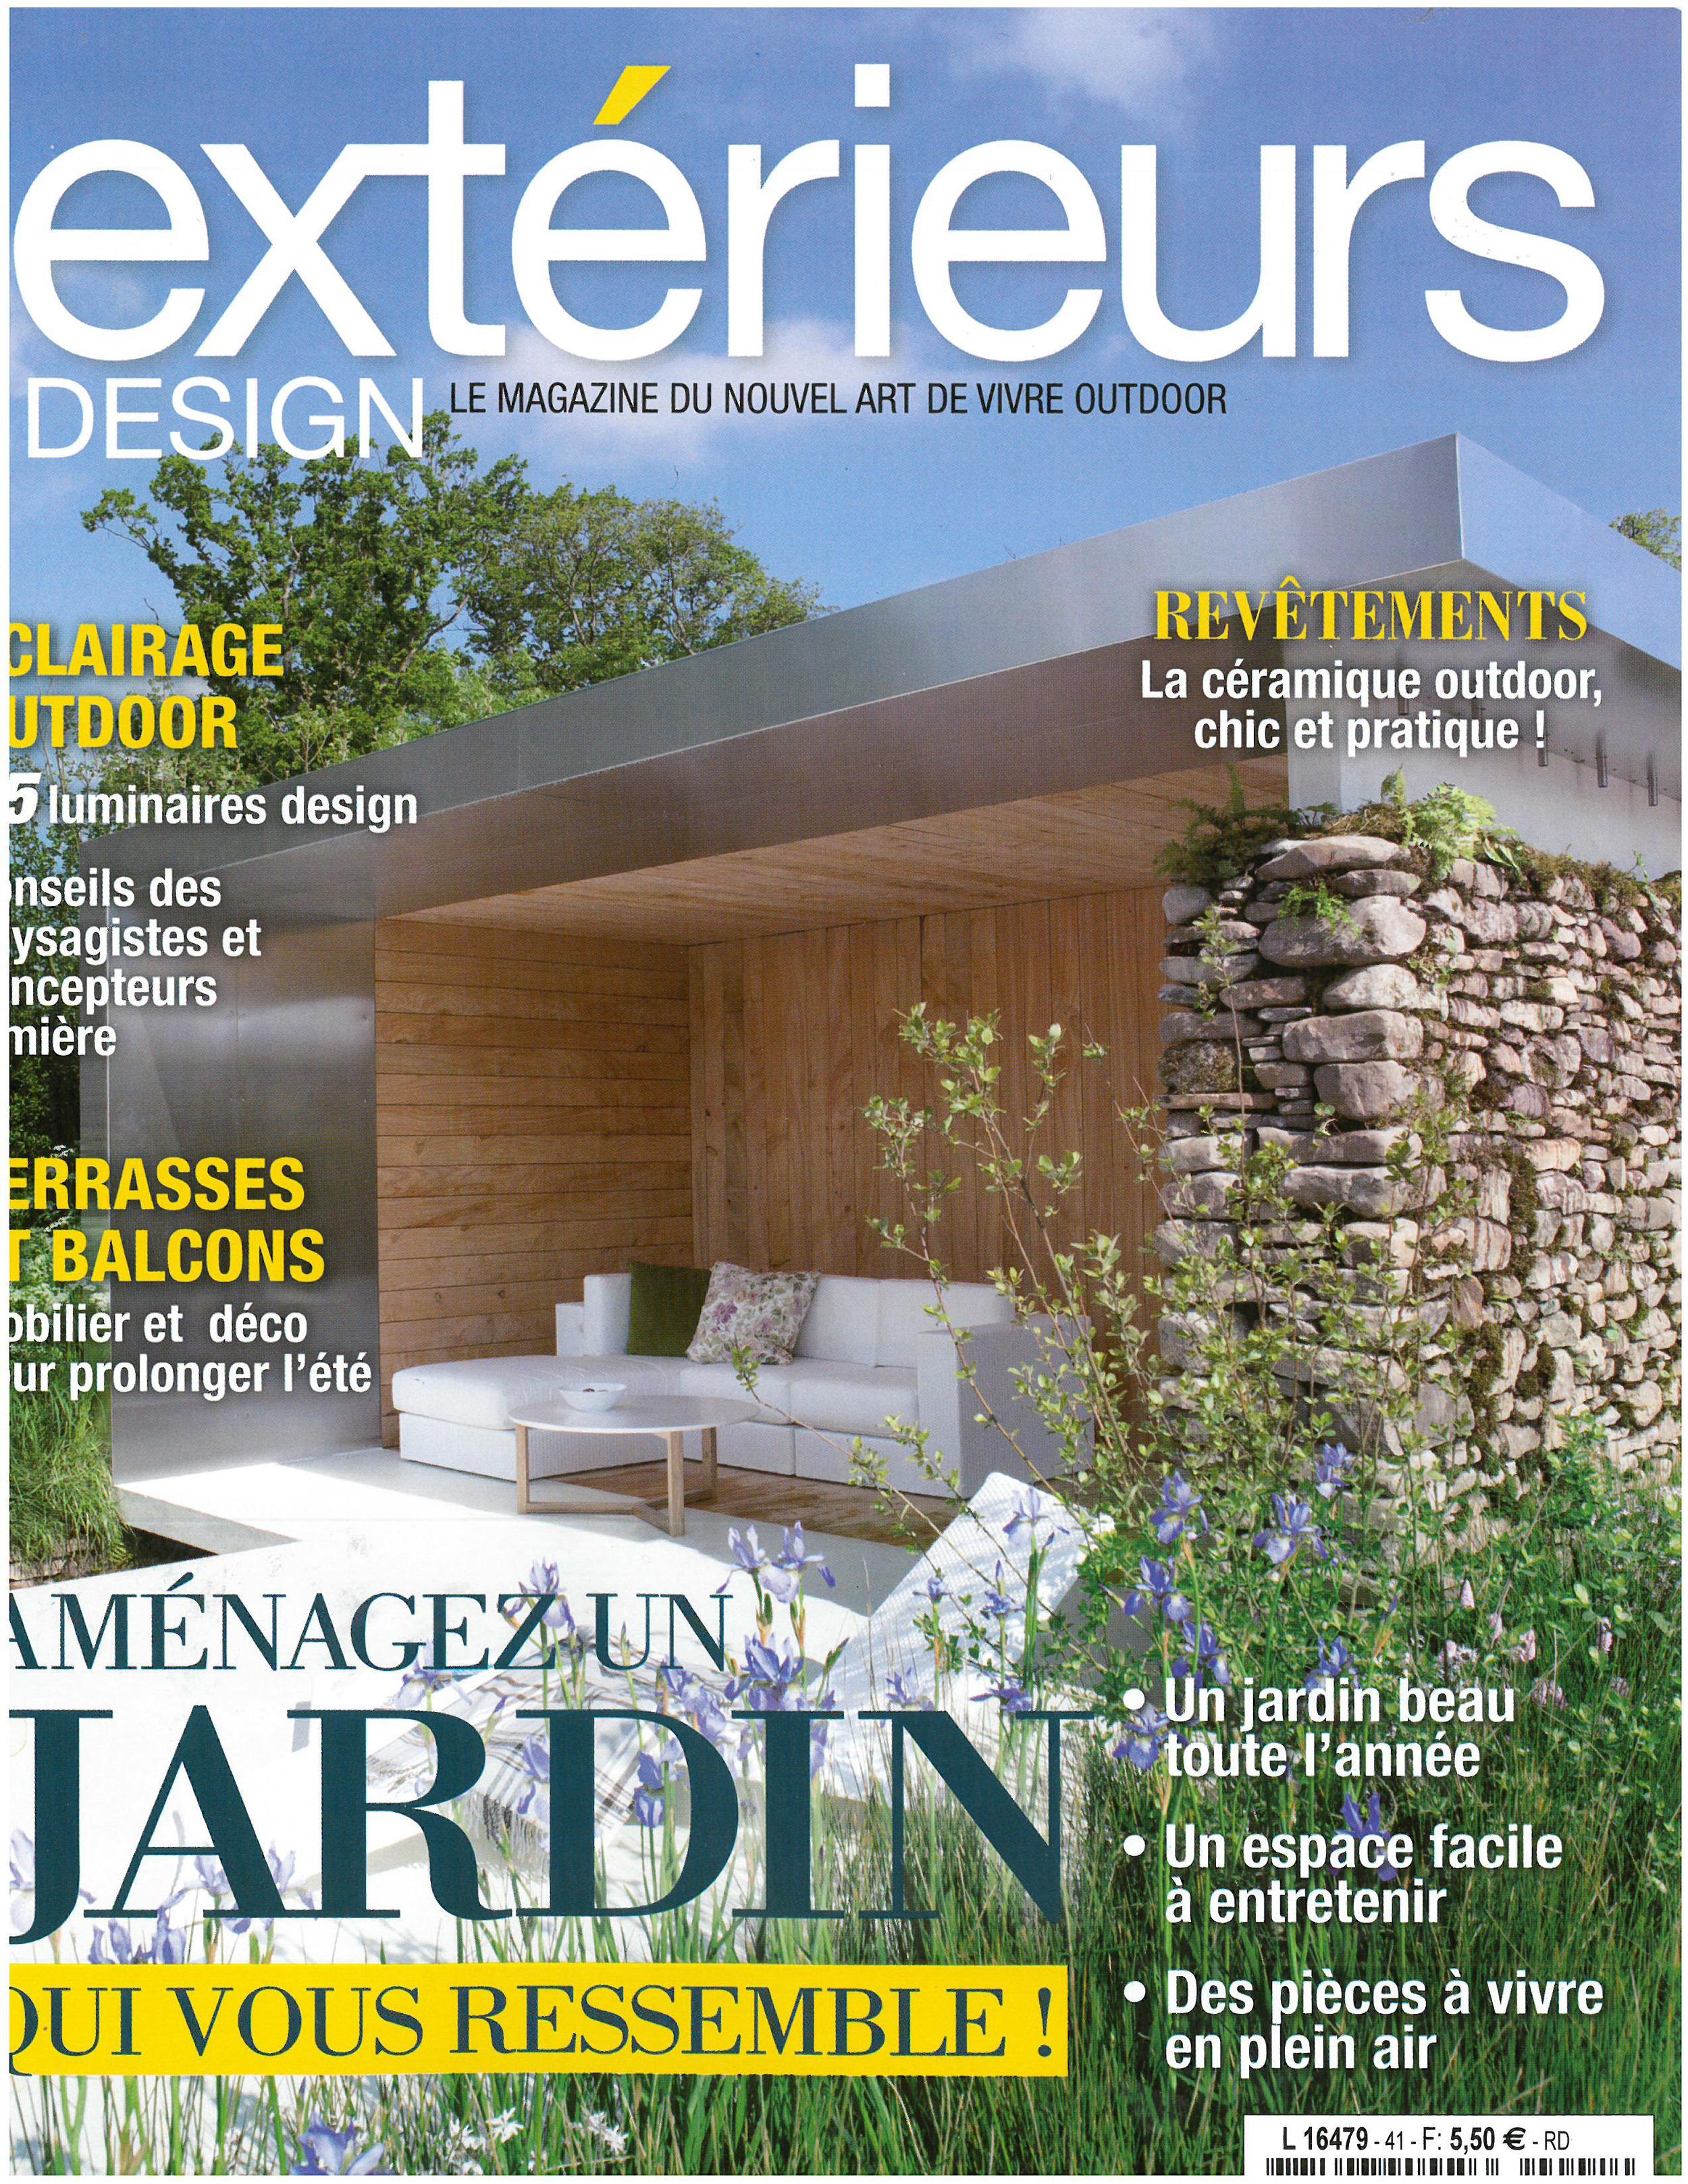 Exterieurs Cover.jpg